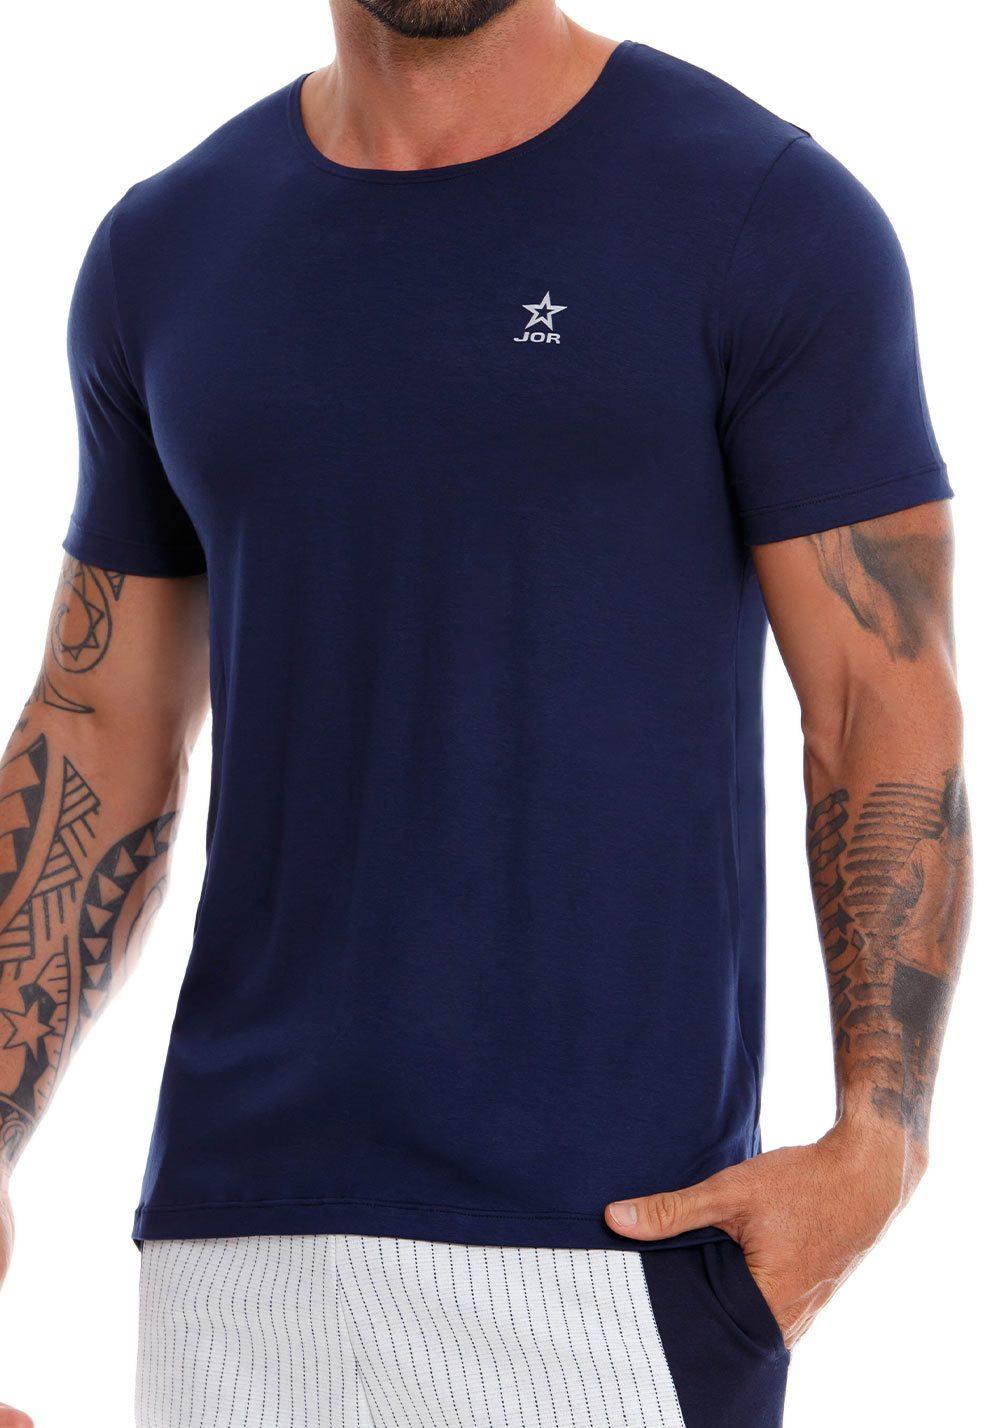 JOR T-Shirt Cross | Blue